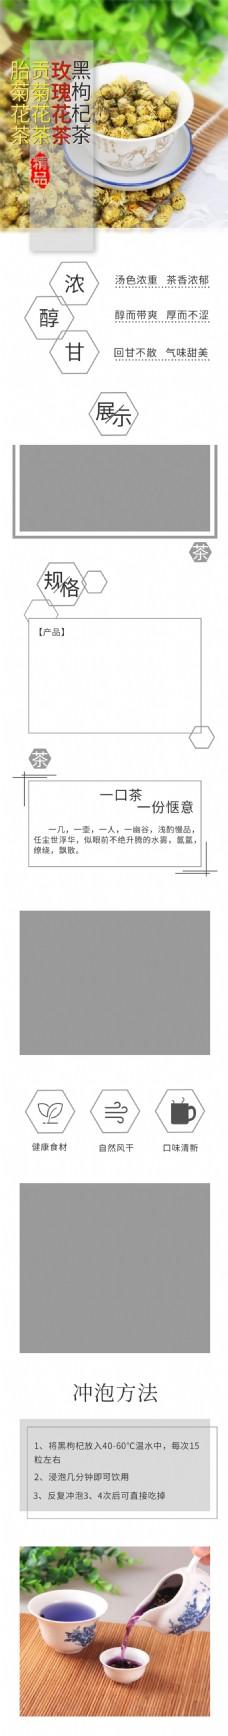 花茶系列详情页共用模板